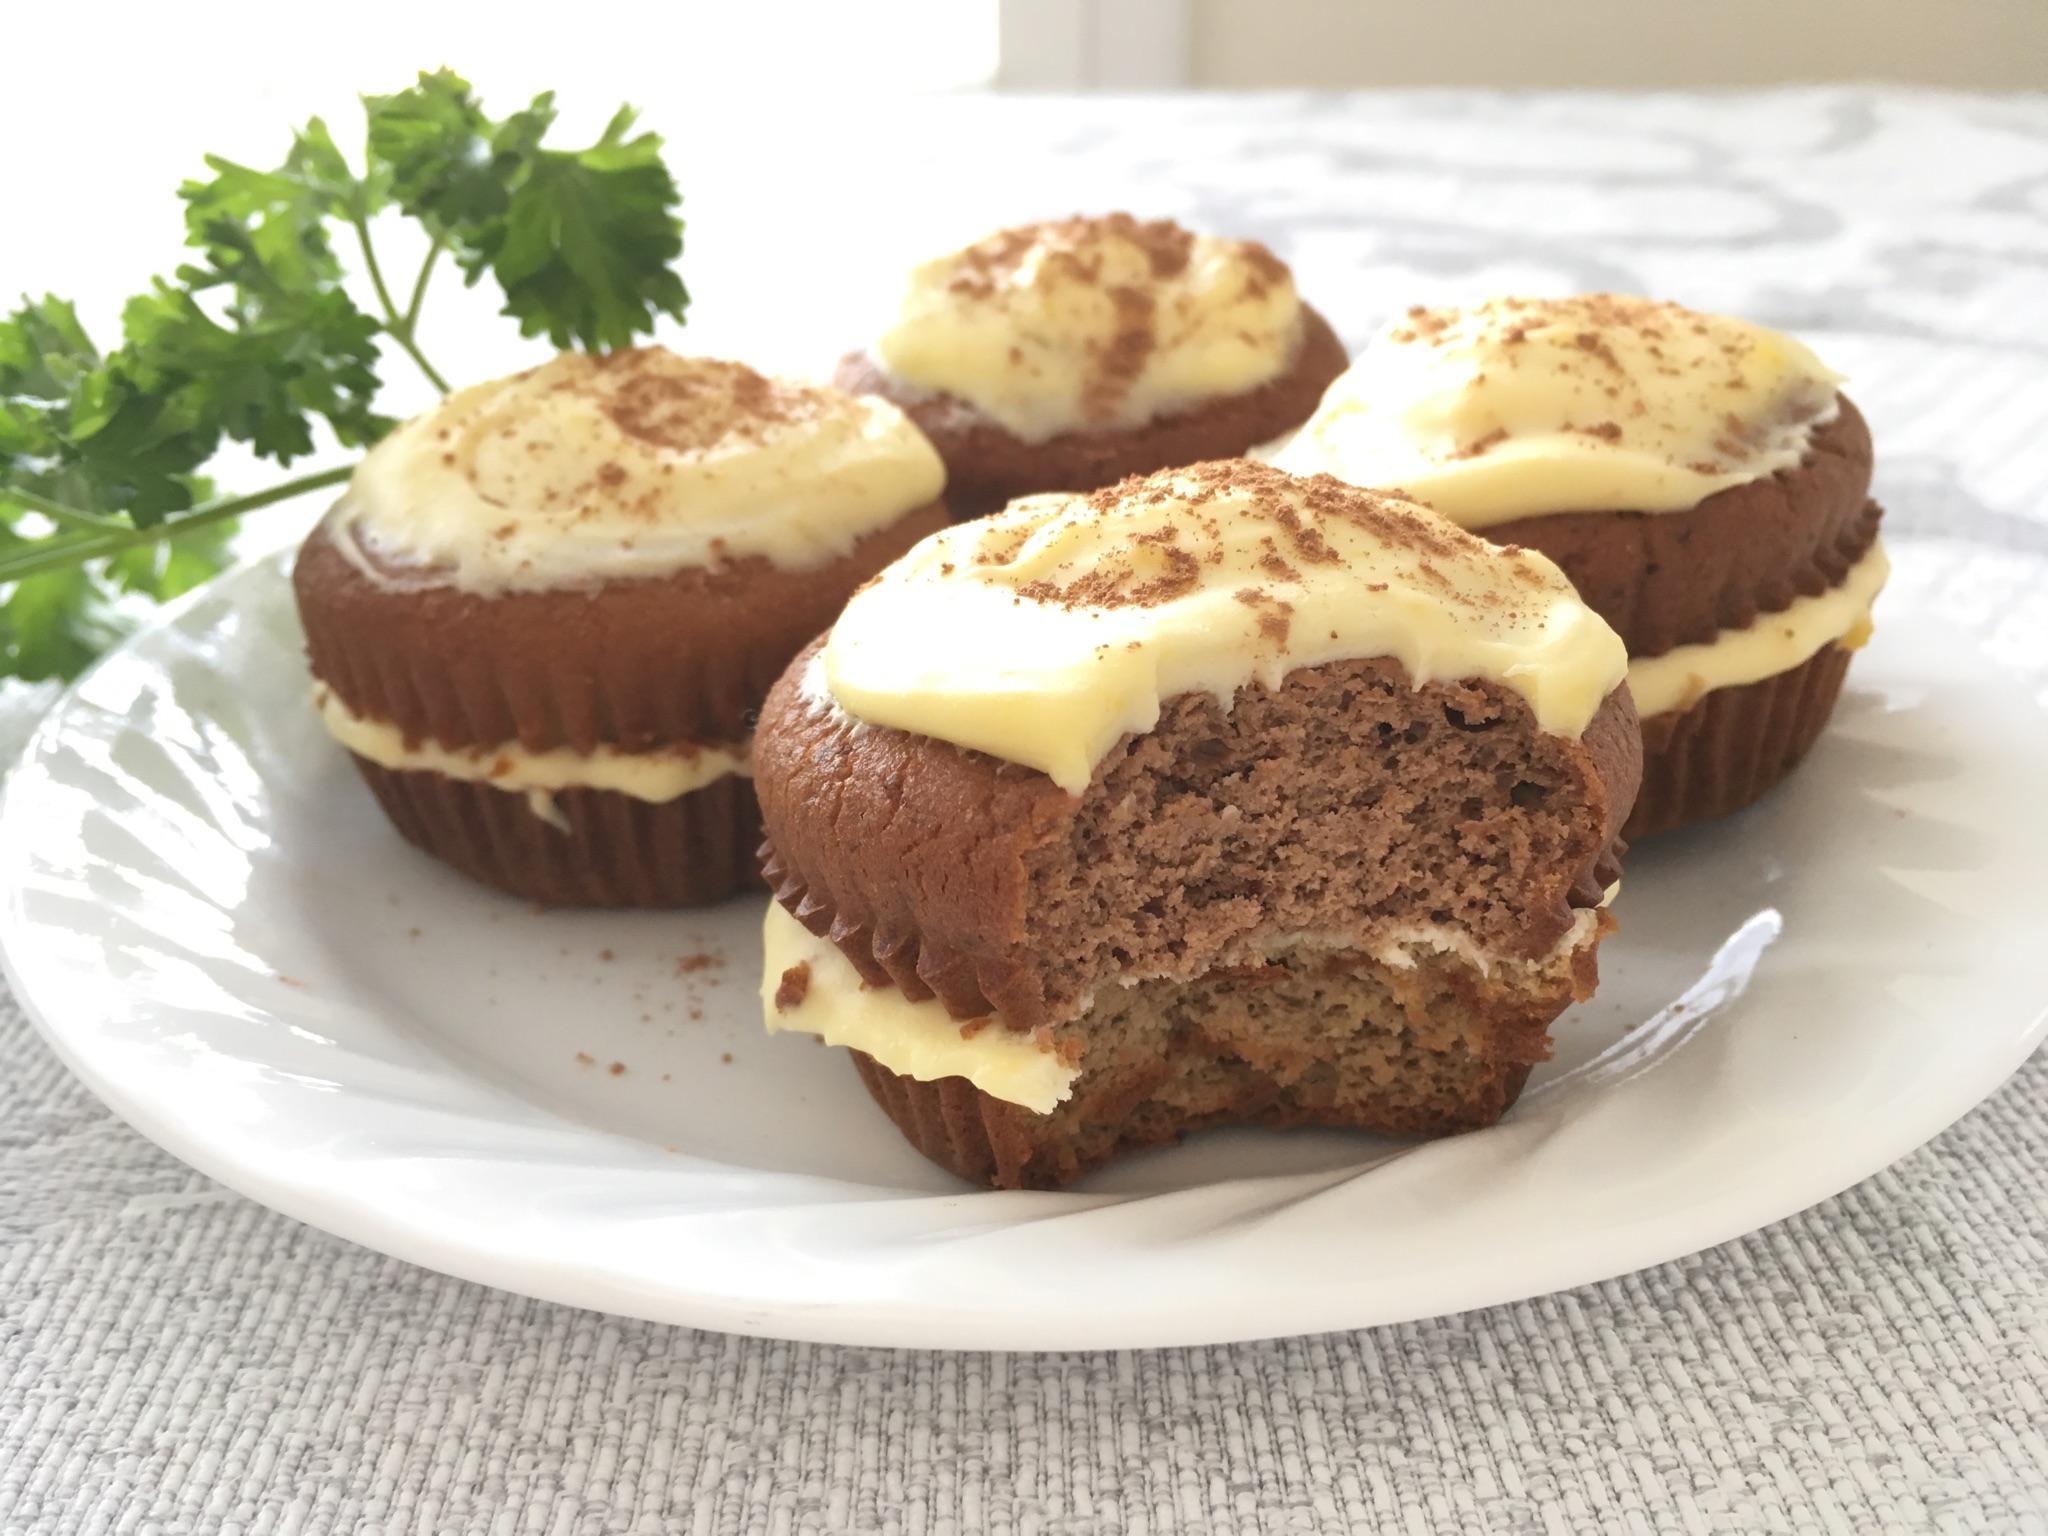 提拉米蘇杯子蛋糕 (12份)    準備以下A,B,C,D部分    A. 巧克⼒起司  杯子蛋糕    材料:     1.6  份  杯子蛋糕模及襯紙     2.低醣蛋糕粉 60g (1/2杯)     3.  無糖可可粉 2.5 ⼤匙 (16克)     4. 奶油起司 (cream cheese) 4盎司 (1/2 盒)     5. 鮮奶油 3⼤匙     6.  蛋 2個      7. 椰⼦油 3 ⼤匙     8. ⾚藻糖醇 1⼤匙 (選擇性)    作法:     1. 將  6份  杯子蛋糕模放上襯紙。     2. 烤箱預熱175度C(350度F) 烤箱內放入⼀碗⽔。     3. 將材料2~8混合均勻倒入烤模。     4. 入烤箱烤35分鐘,或直到中央部分用牙籤插入不沾黏為  ⽌。     5. 取出放涼10分鐘後脫模。     6. 繼續於室溫中冷卻。    B. 咖啡起司  杯子蛋糕    材料:     1.6  份  杯子蛋糕模及襯紙     2.低醣蛋糕粉 60g (1/2杯)     3.  即溶咖啡粉 3⼩匙     4. 奶油起司 (cream cheese) 4盎司 (1/2 盒)     5. 鮮奶油 3⼤匙     6.  蛋 2個      7. 椰⼦油 3 ⼤匙     8.⾚藻糖醇 1⼤匙 (選擇性)    作法:     1. 將  6份  杯子蛋糕模放上襯紙。     2. 烤箱預熱175度C(350度F) 烤箱內放入⼀碗⽔。     3. 將材料2~8混合均勻倒入烤模。     4. 入烤箱烤35分鐘,或直到中央部分用牙籤插入不沾黏為  ⽌。     5. 取出放涼10分鐘後脫模。     6. 繼續於室溫中冷卻。    C. 提拉米蘇醬    材料:     1. 鮮奶油 100g     2. 香草精 1/2 ⼩匙     3. 馬斯卡朋起司 (Mascarpone cheese) 1盒(8盎司/盒)     4. 蛋黃 3個     5. 赤藻糖醇1⼤匙     6. 液體甜菊糖3~5滴調整甜度    作法:     1. 將鮮奶油⽤電動攪拌棒打發,放入冰箱冷藏備用。     2. 蛋黃加入香草精和⾚藻糖醇,以巴斯德低溫消毒法  隔⽔加熱,持續不斷地攪拌使之發泡,直到蛋液變成濃稠  狀便立即離火。  離火之後繼續攪拌5分鐘避免結塊。     3. 蛋黃和1盒馬斯卡朋起司混合均勻,放涼後再取出  打發的鮮  奶油,分次加入與之混合,  調整稠度勿使其流動。     4. 最後再⽤液體甜菊糖調整甜度。    D.⽣巧克⼒粉 (  cacao powder) 少許  。      組合蛋糕     1. 將每個咖啡蛋糕及巧克⼒杯子蛋糕都由腰部橫切為二,塗抹提拉米蘇醬在底部的蛋糕  作為夾層,重新組合兩種口味蛋糕,頂部塗抹剩餘的提拉米蘇醬。     2. 整個蛋糕入冰箱冷藏3小時或隔夜  。     3. 食⽤前2⼩時取出蛋糕,撒上⽣巧克力粉做裝飾  。